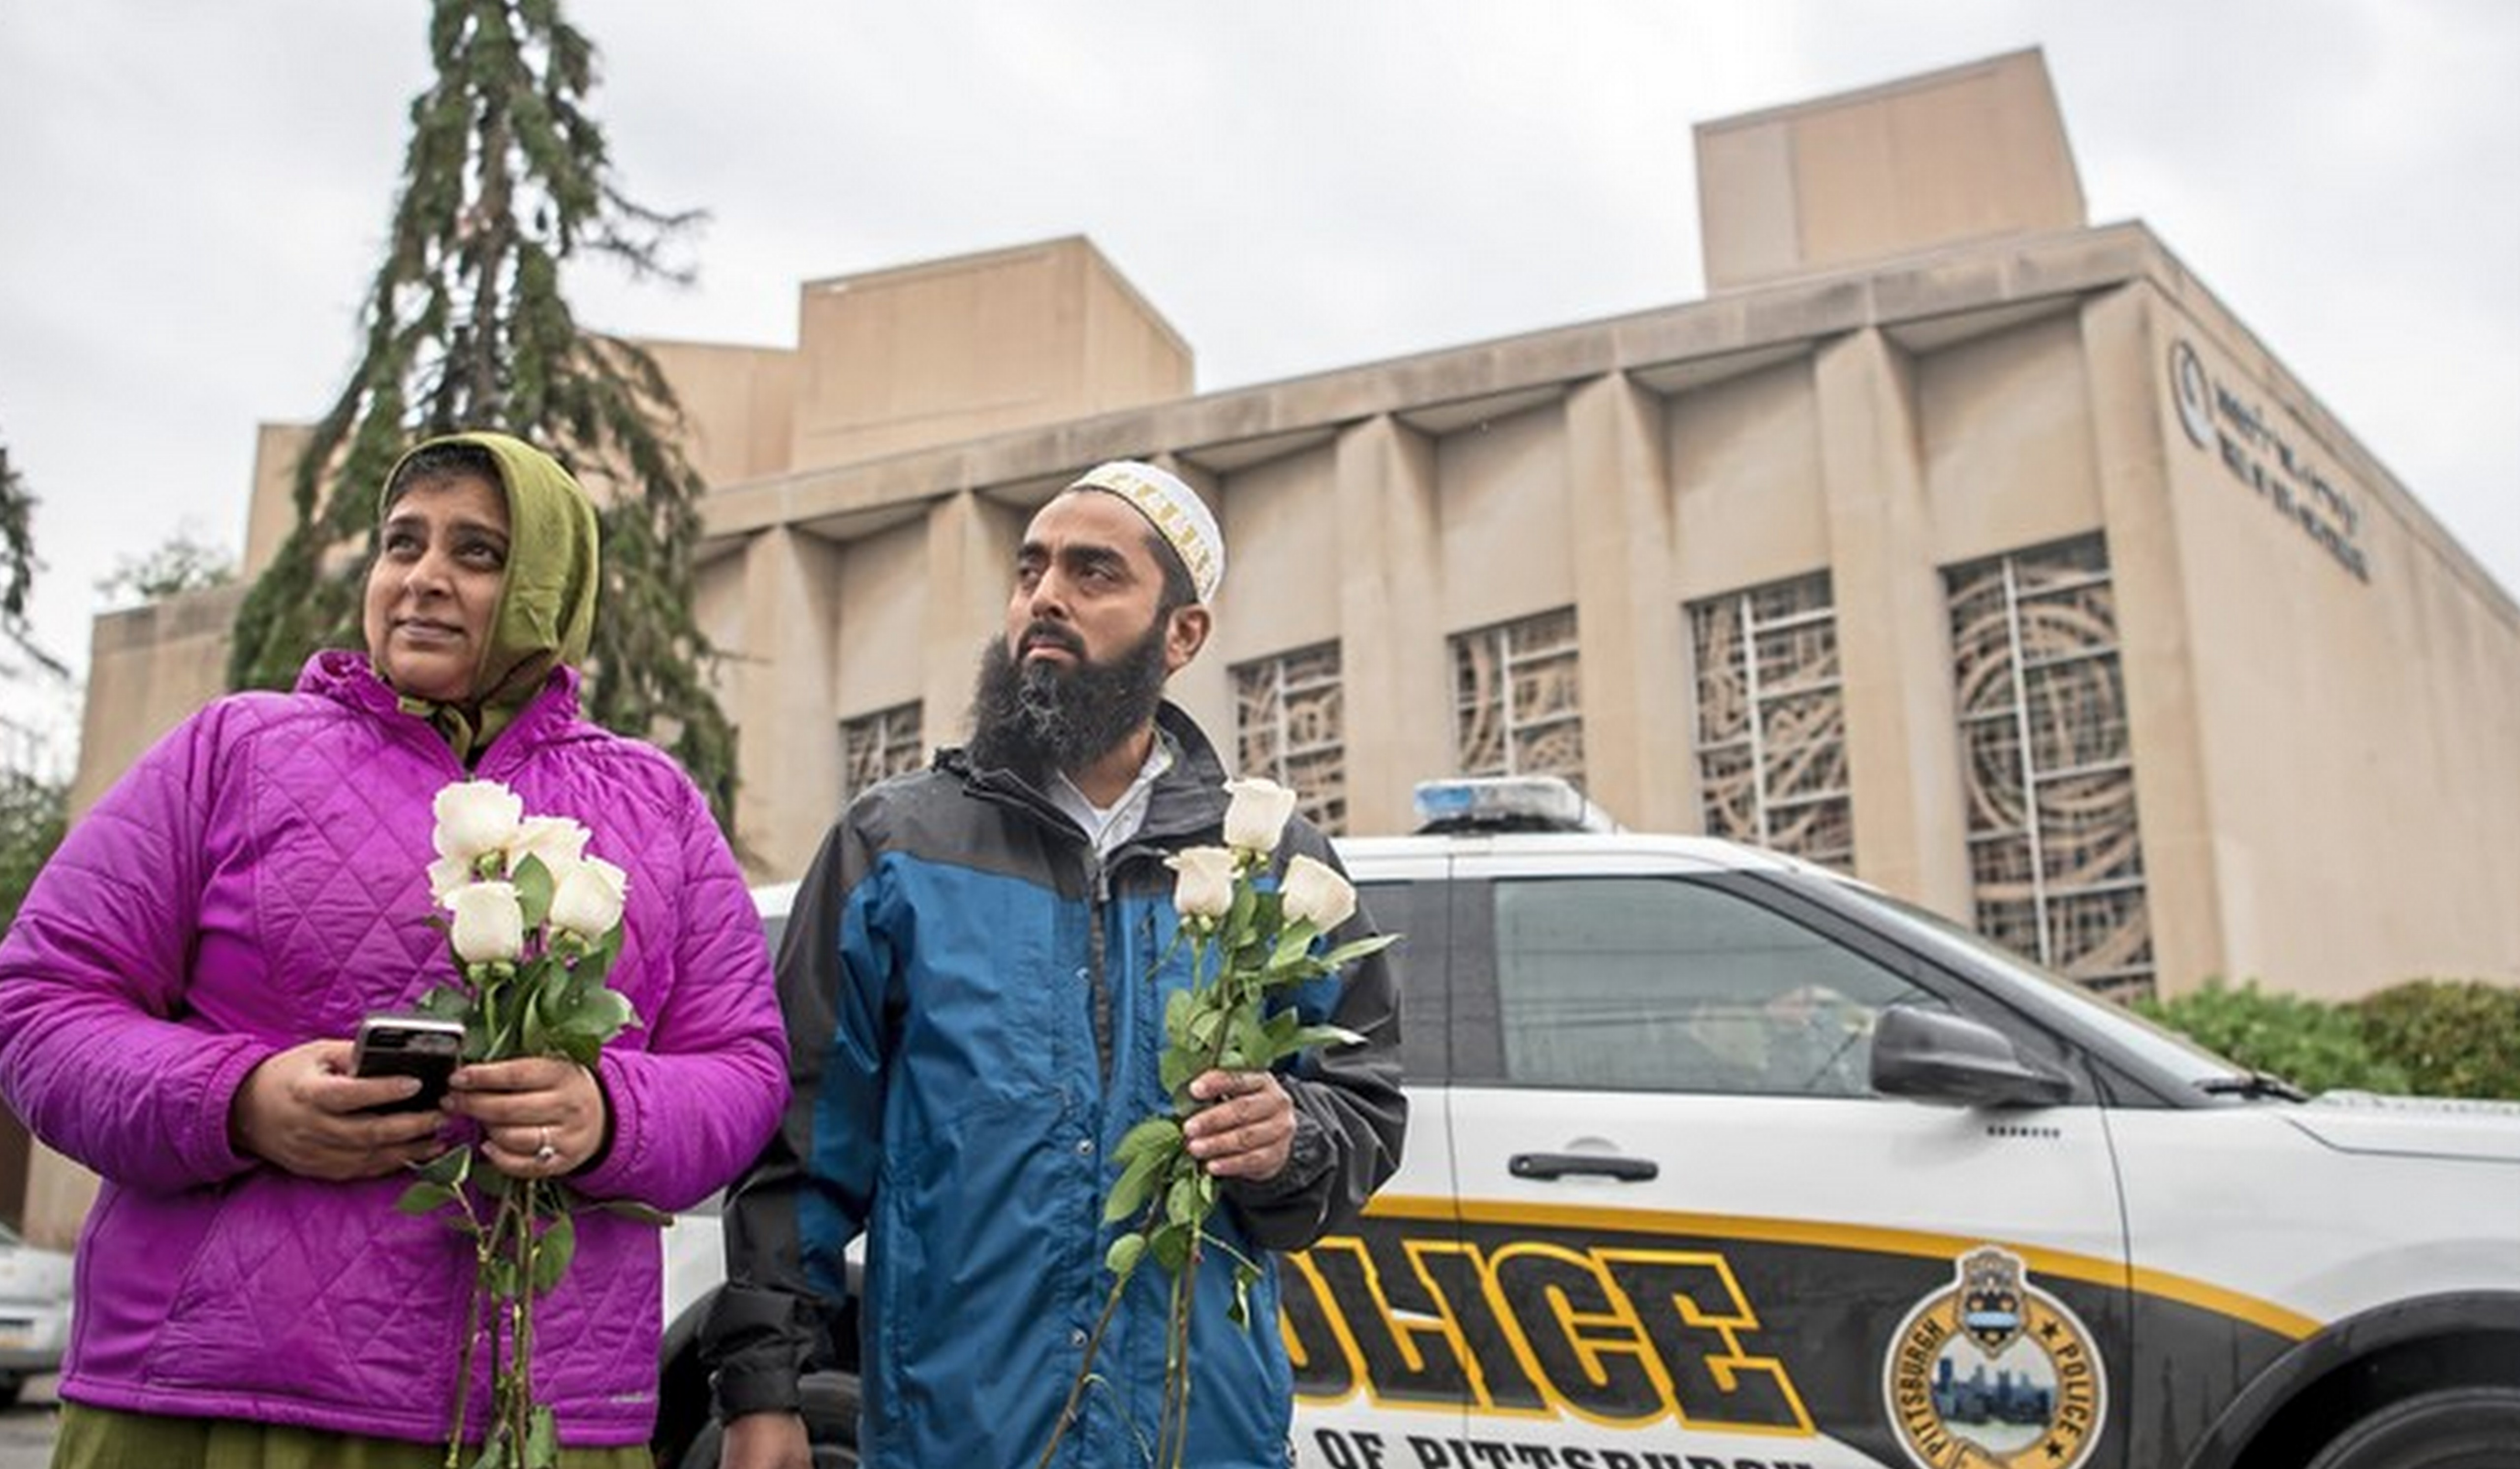 Muçulmanos arrecadam mais de U$180 mil para vítimas de ataque em sinagoga 2